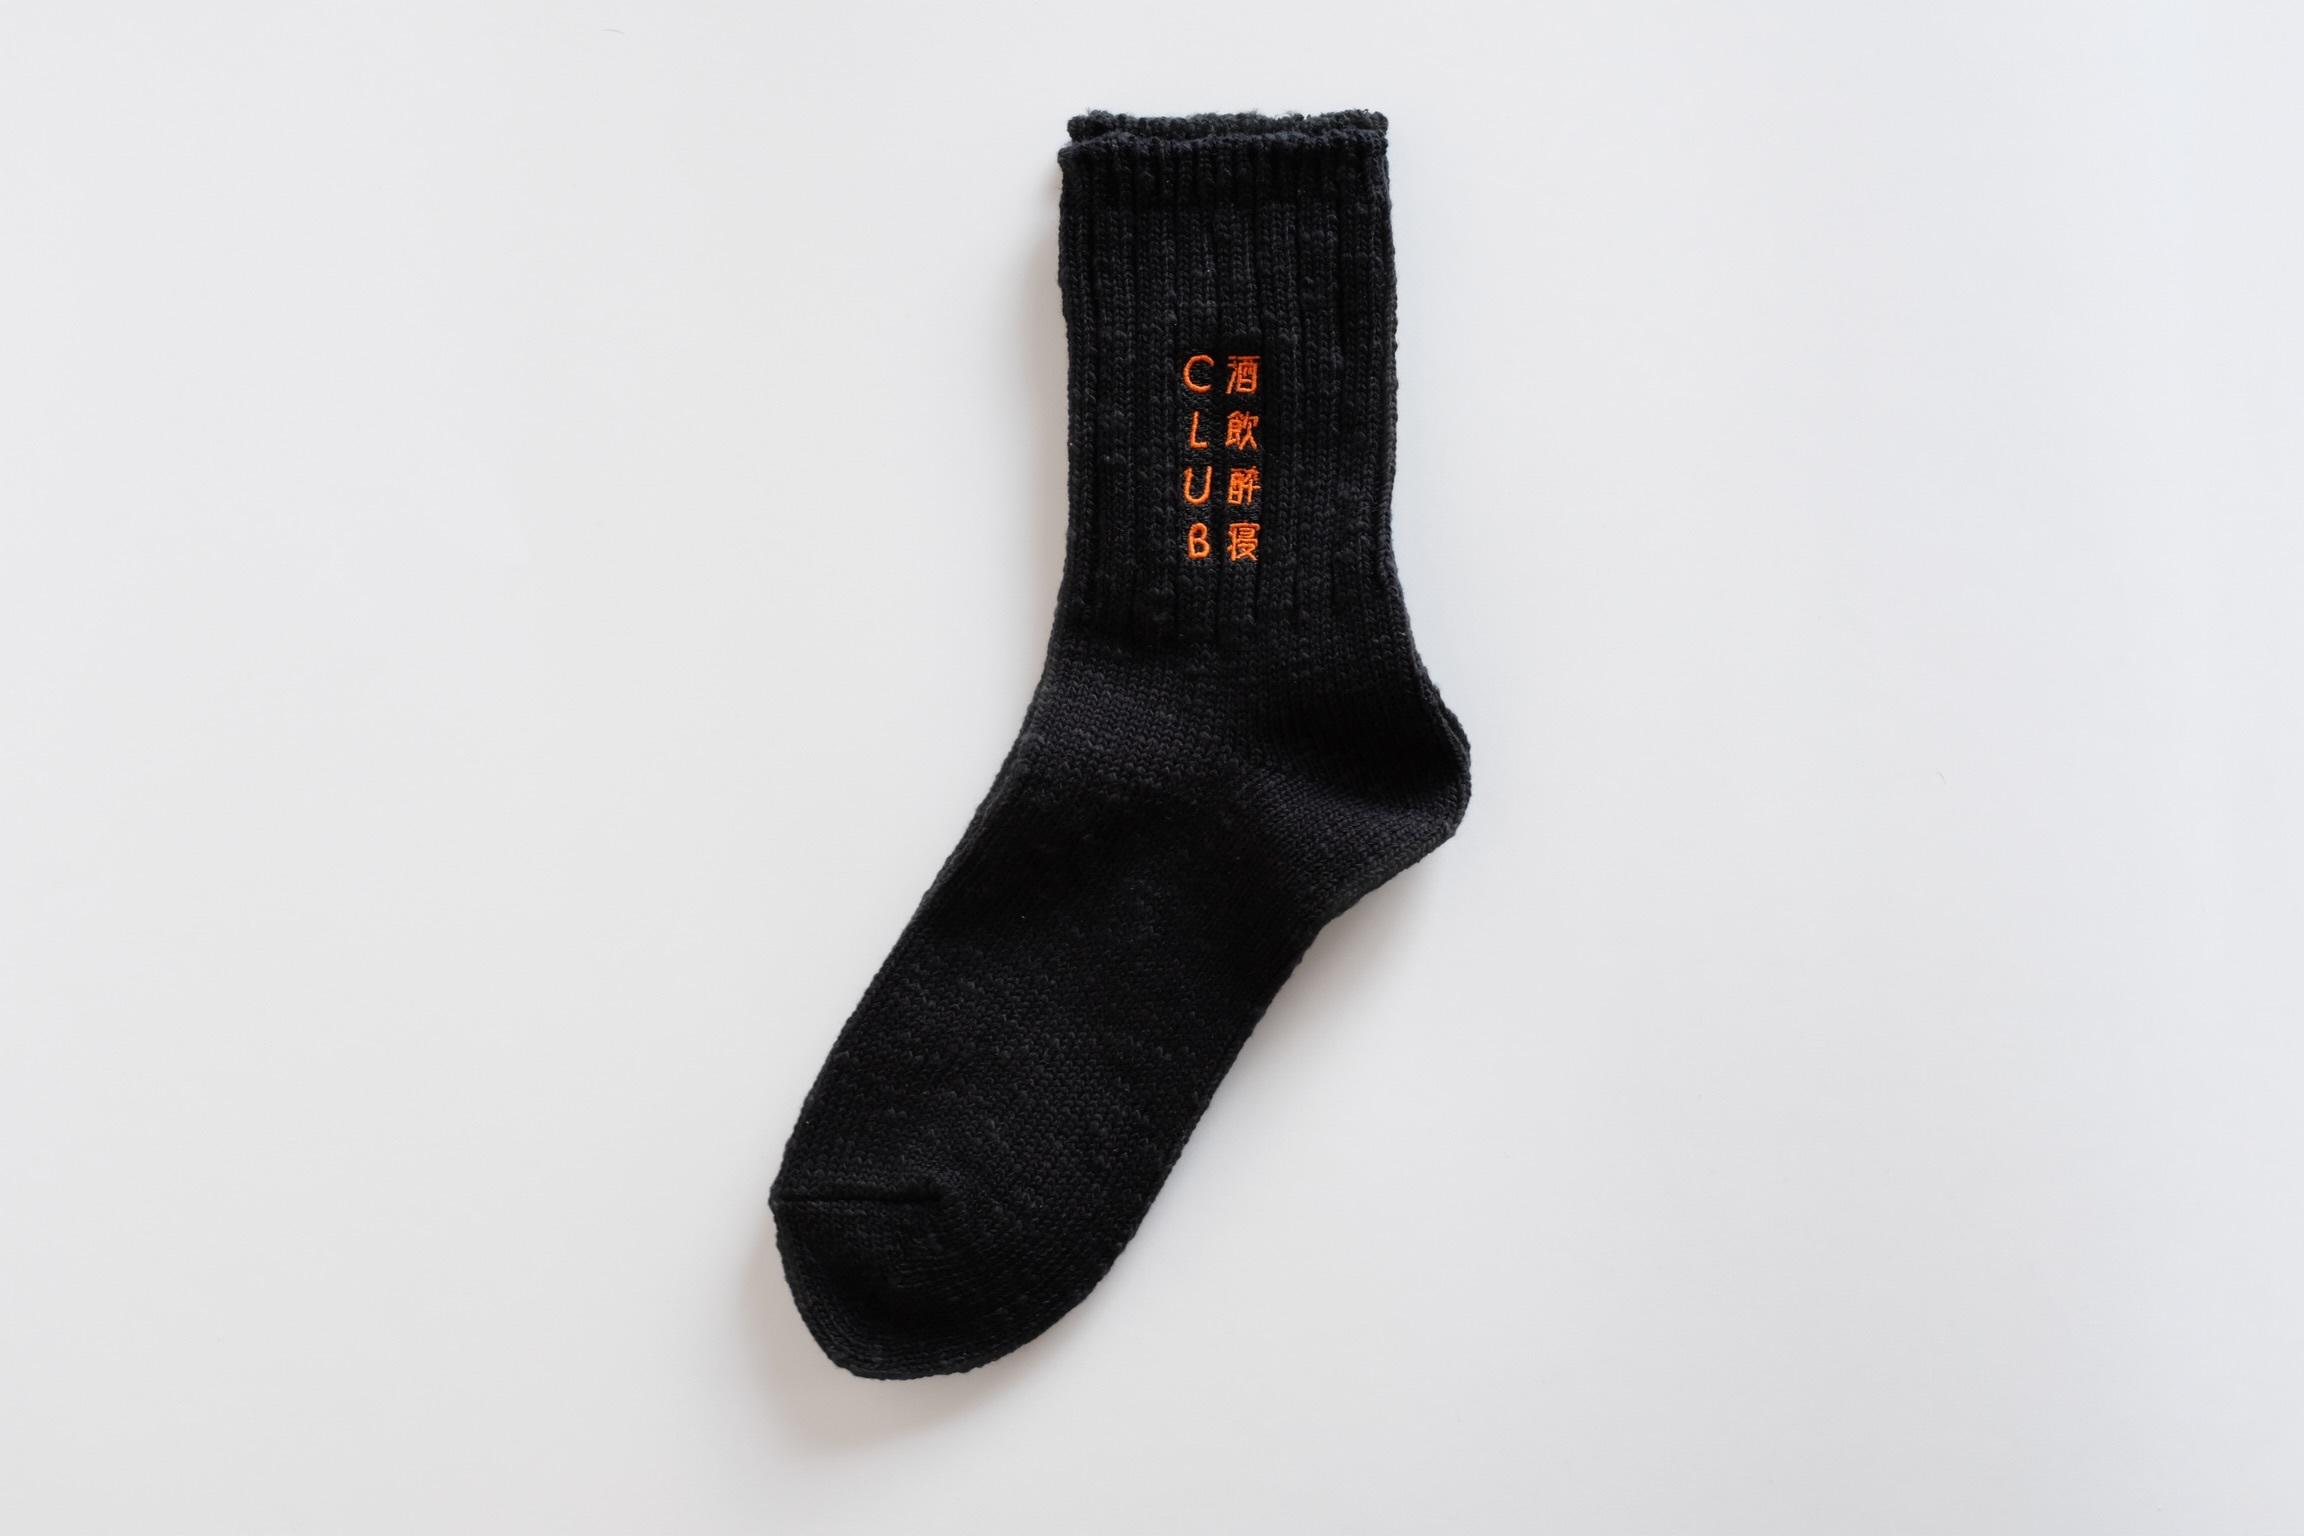 SBW 酒飲酔寝CLUB Socks